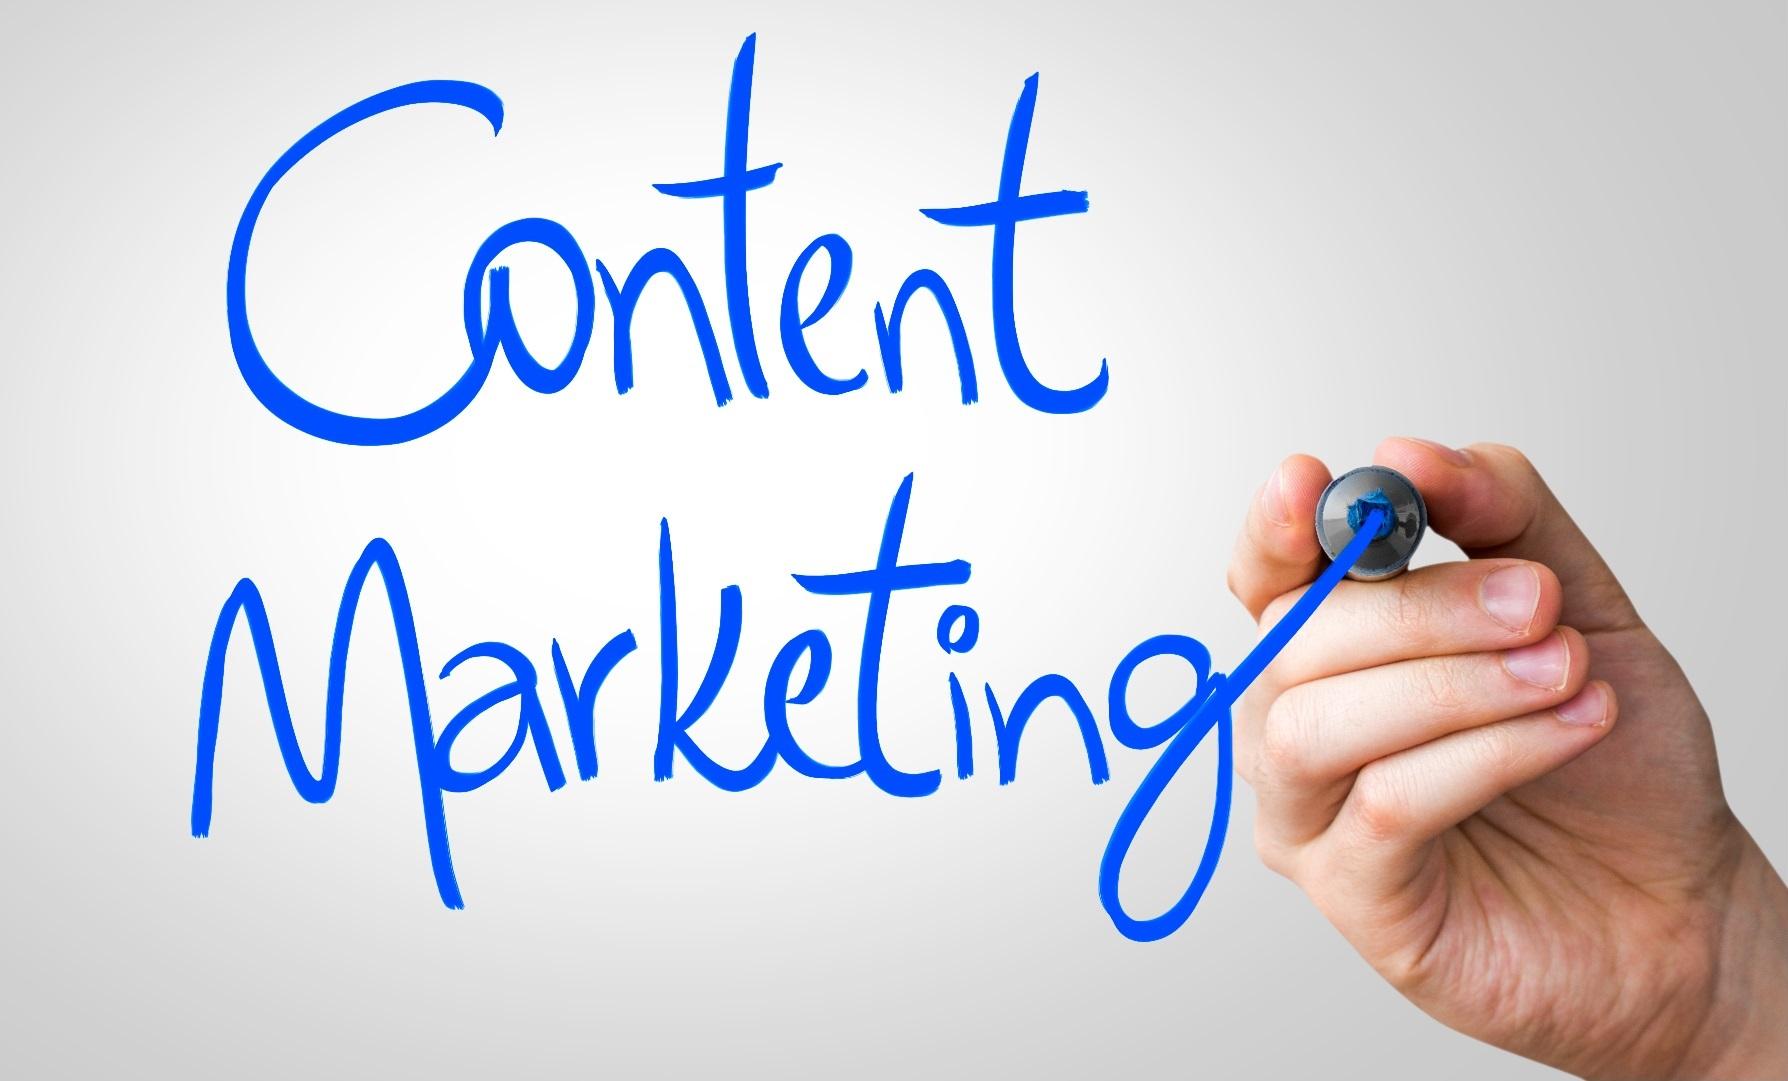 Как новичку поднять эффективность баннерной рекламы и повысить посещаемость сайта?